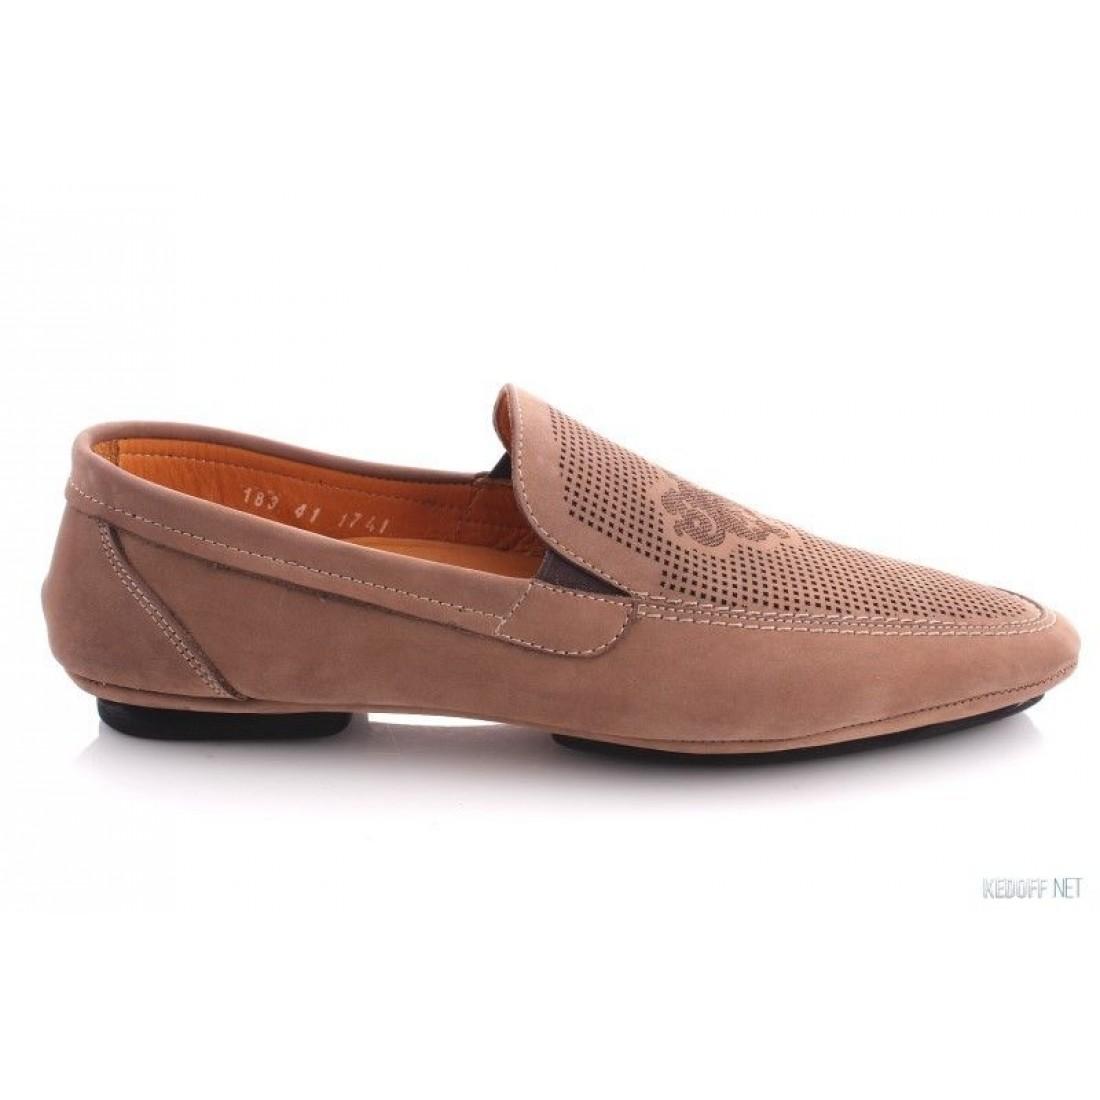 Туфли женские карло пазолини распродажа